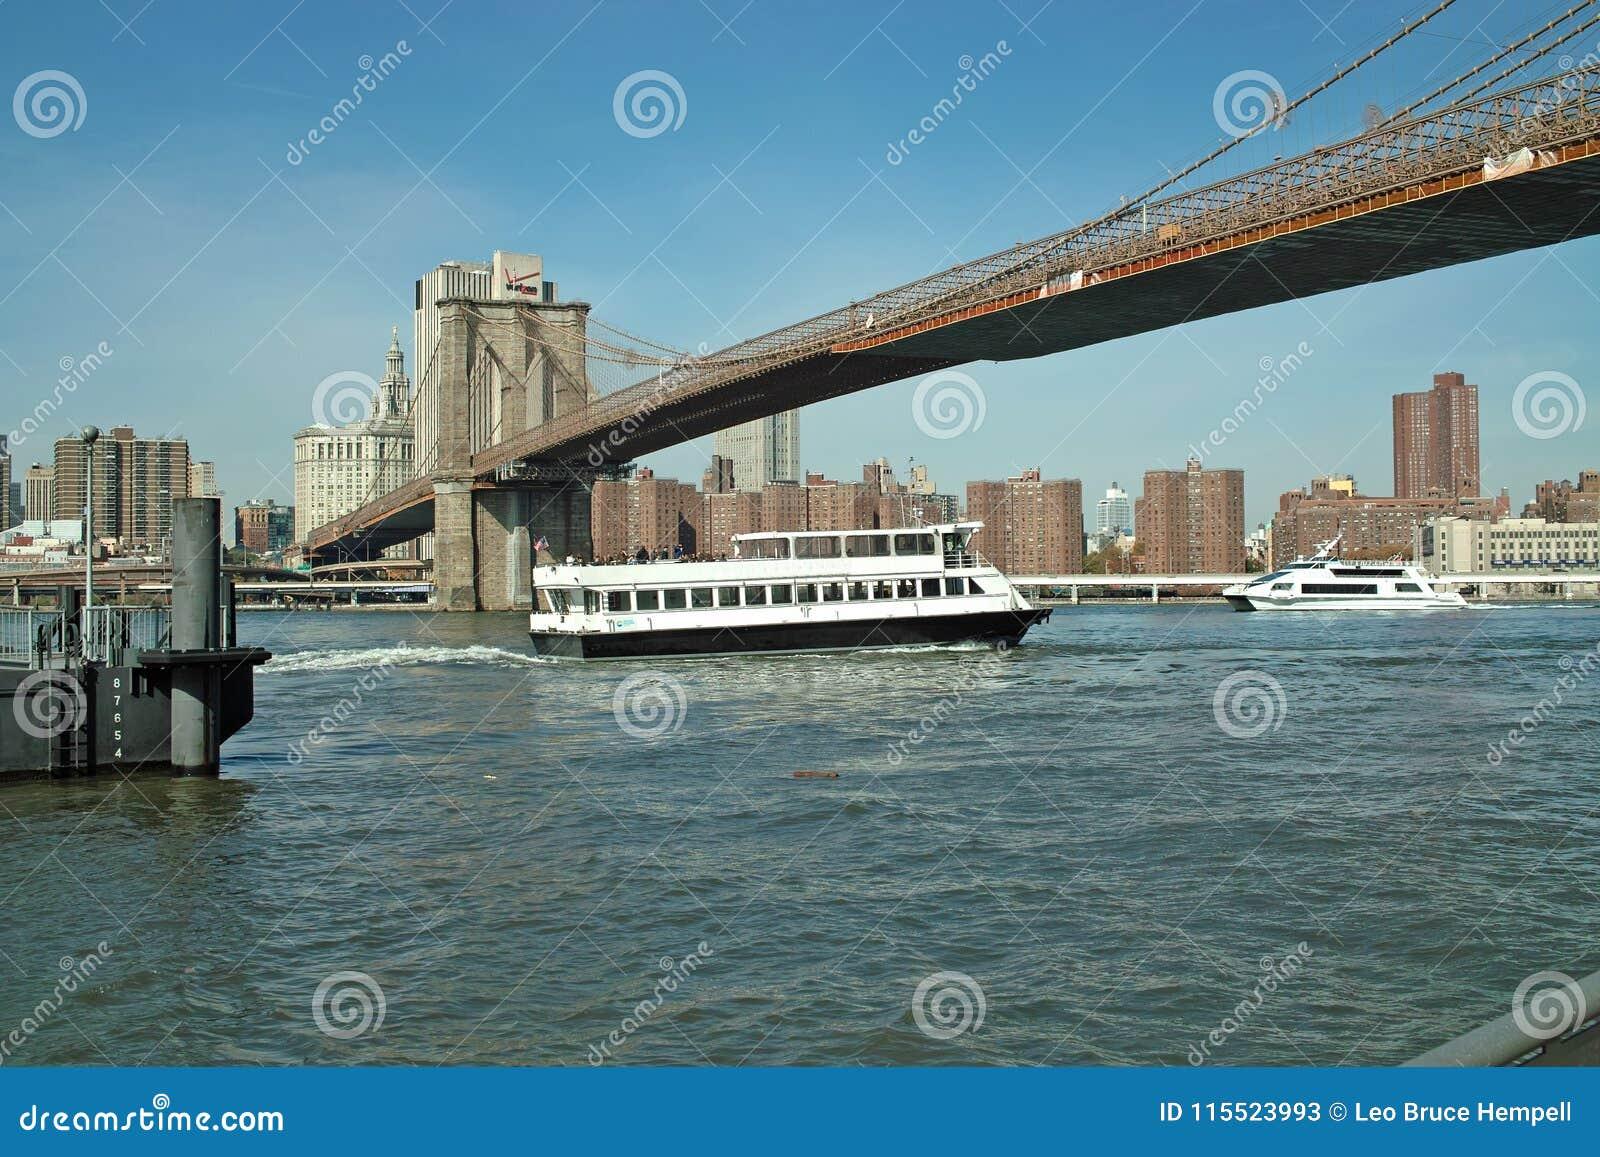 Паром под Бруклинским мостом, Нью-Йорк, США